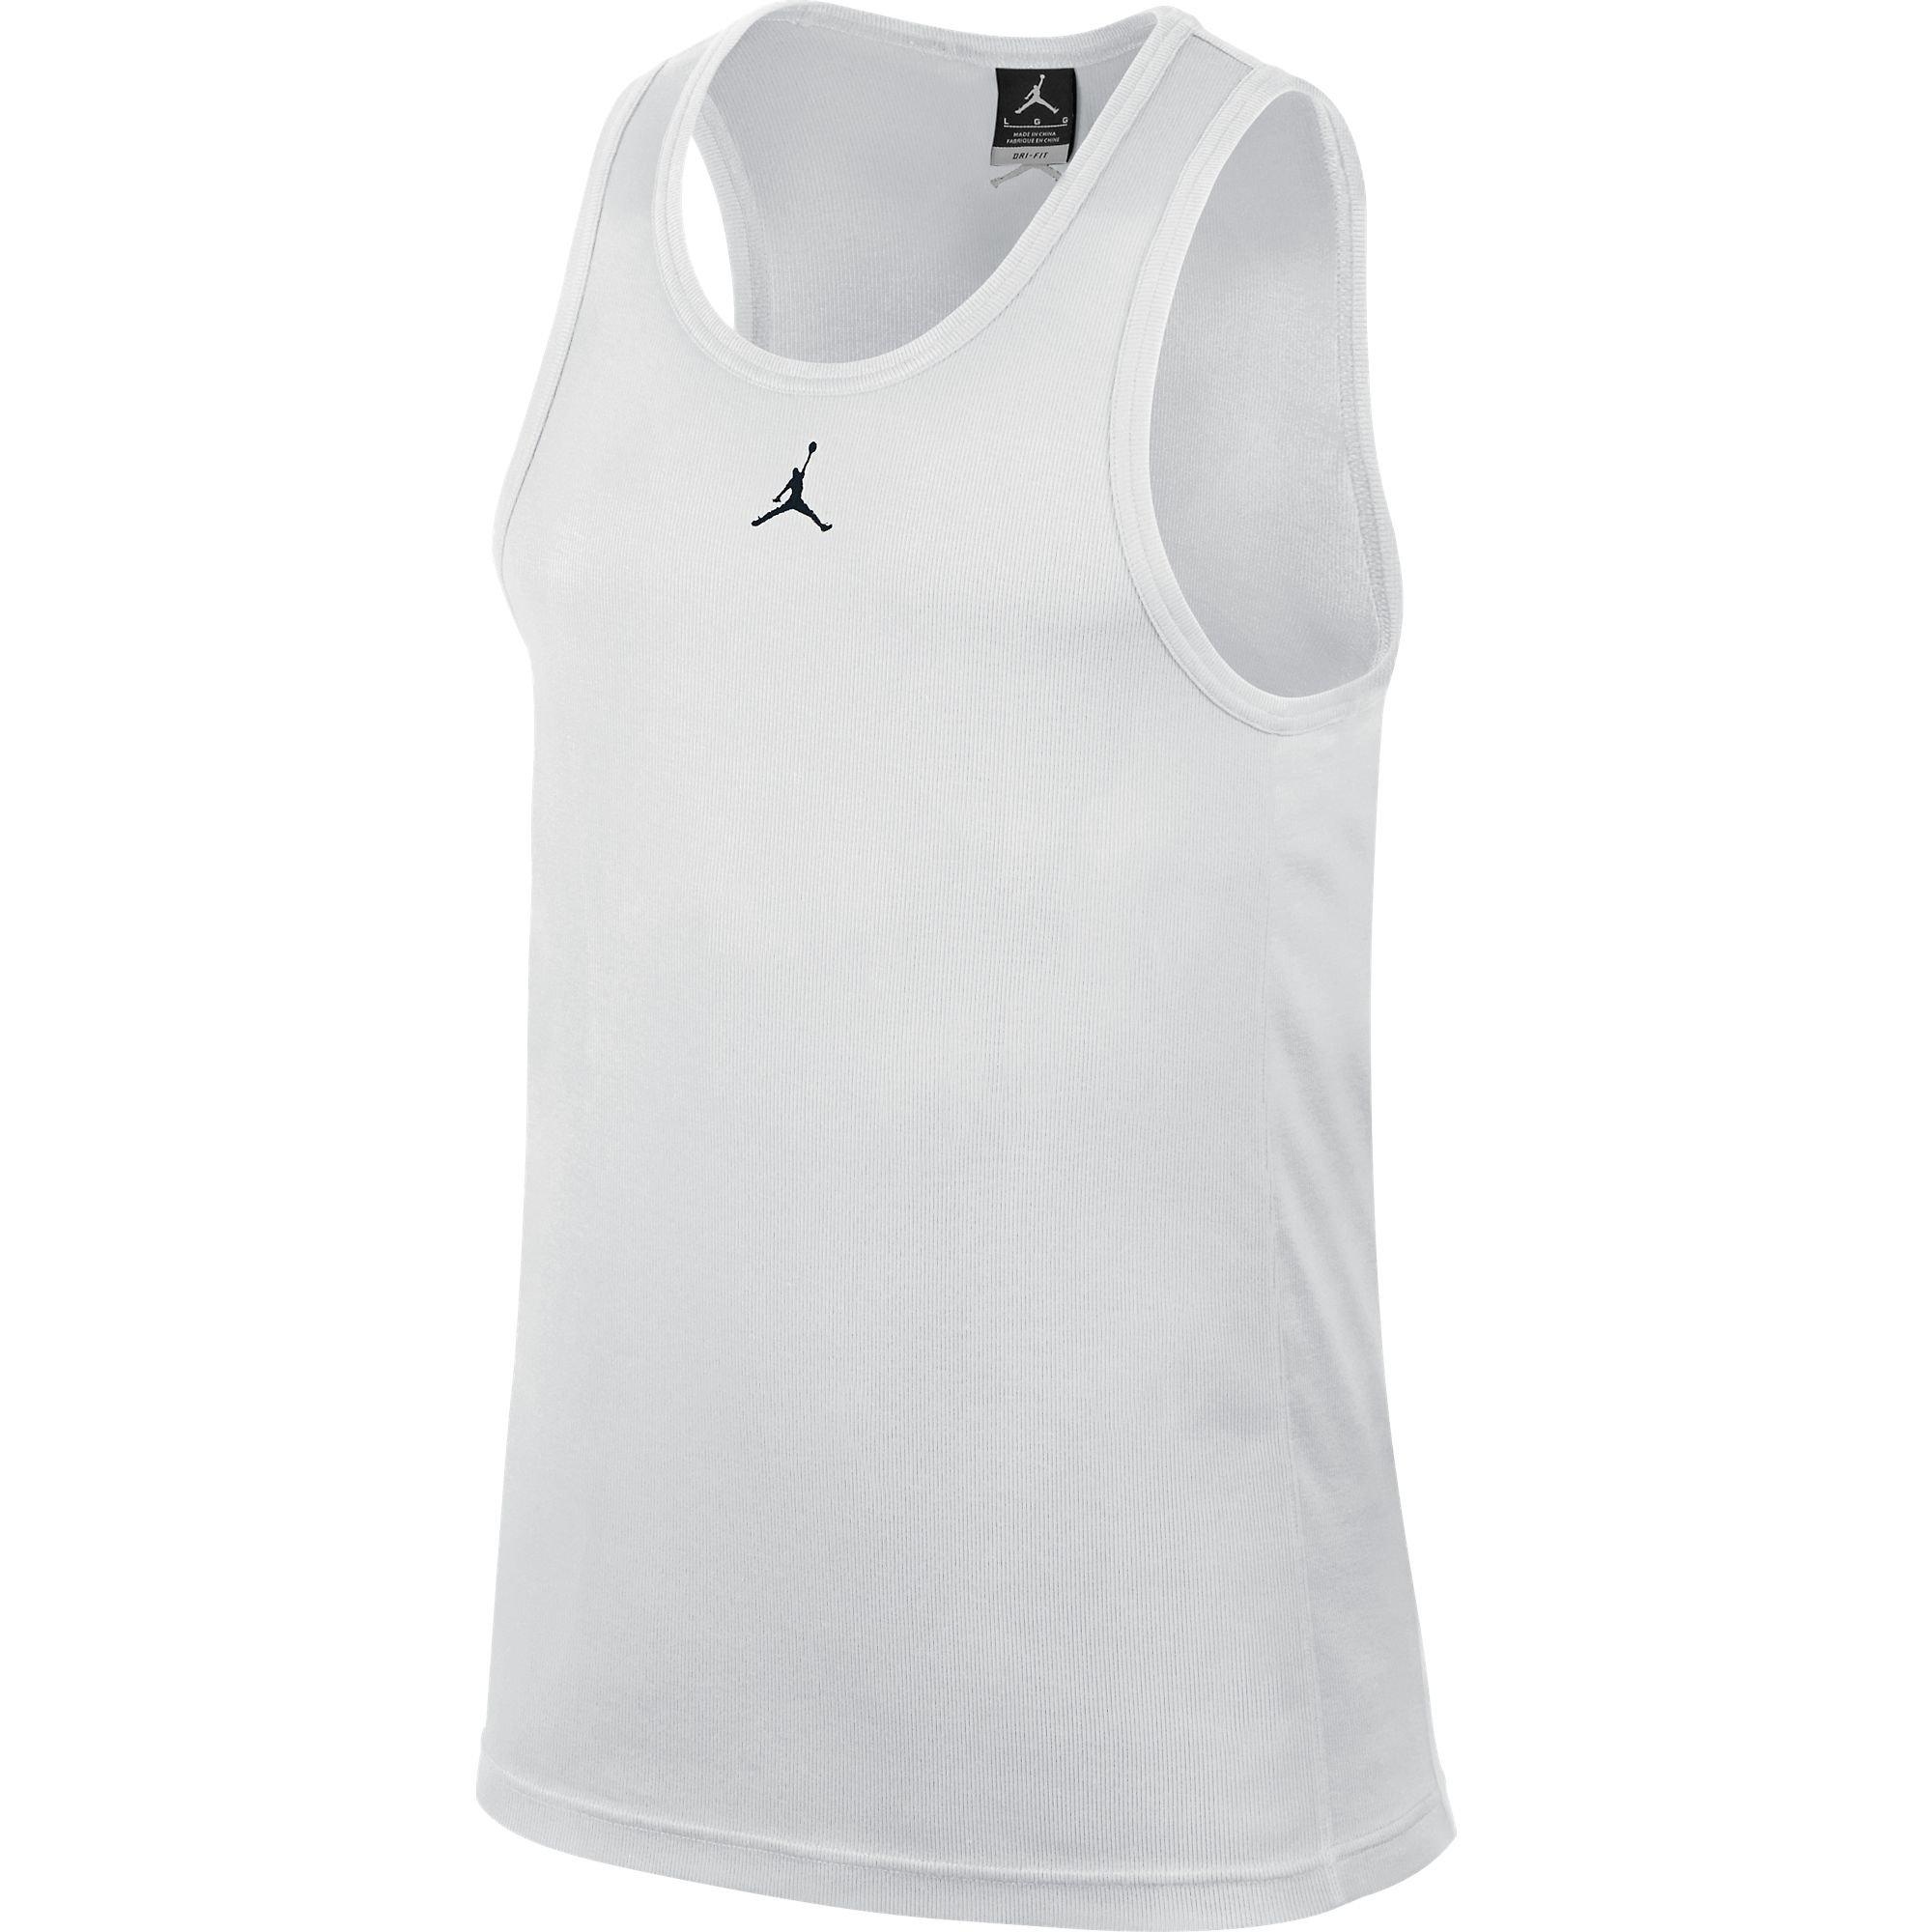 Jordan Buzzer Beater Men's Tank Top White/Black 589114-100 (Size XS)